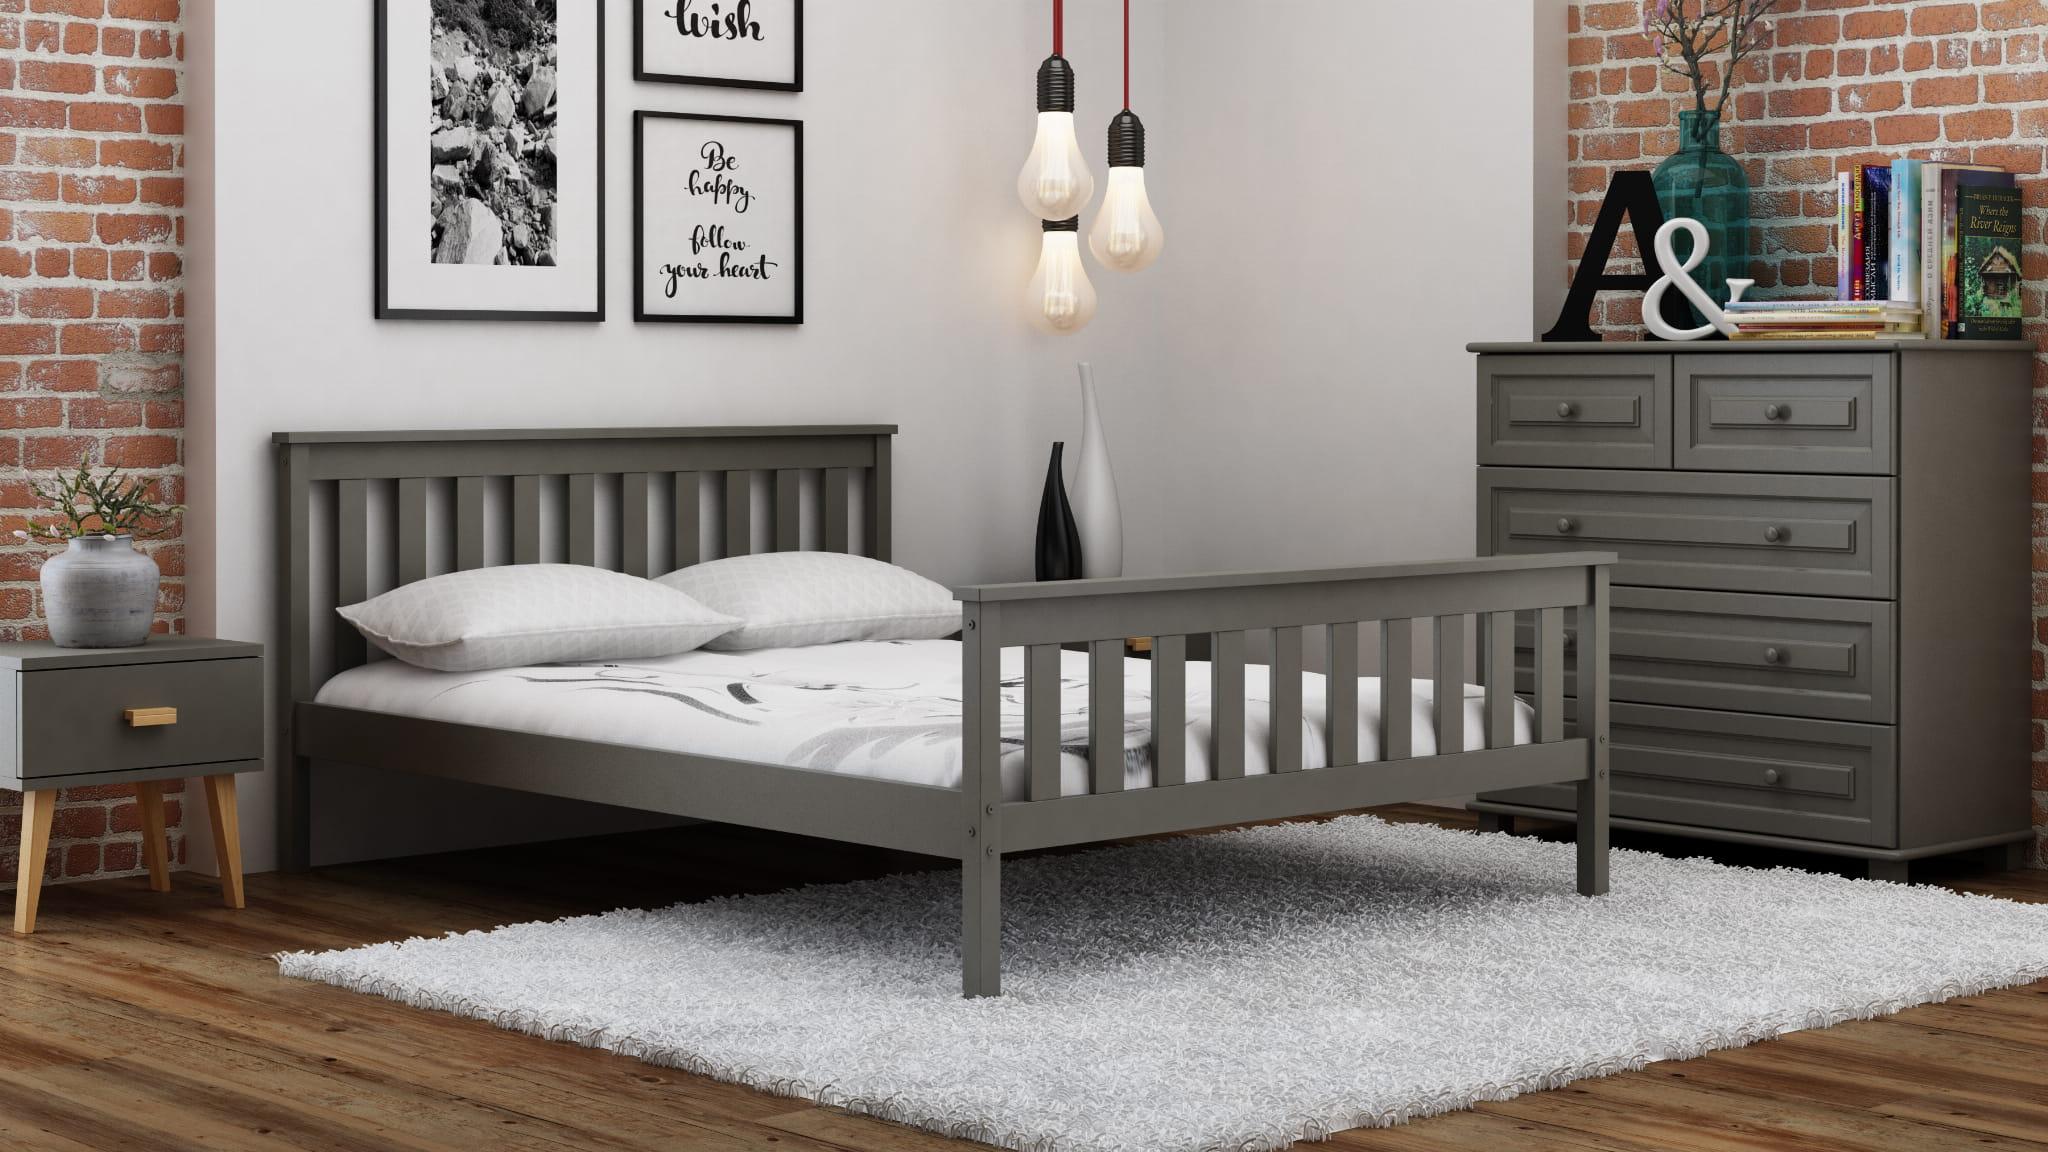 Full Size of Betten 160x200 Moebel De Rauch 140x200 Schramm Schlafzimmer Nolte Ebay Outlet Günstig Kaufen 180x200 Für übergewichtige Japanische Xxl 100x200 Dänisches Bett Betten 160x200